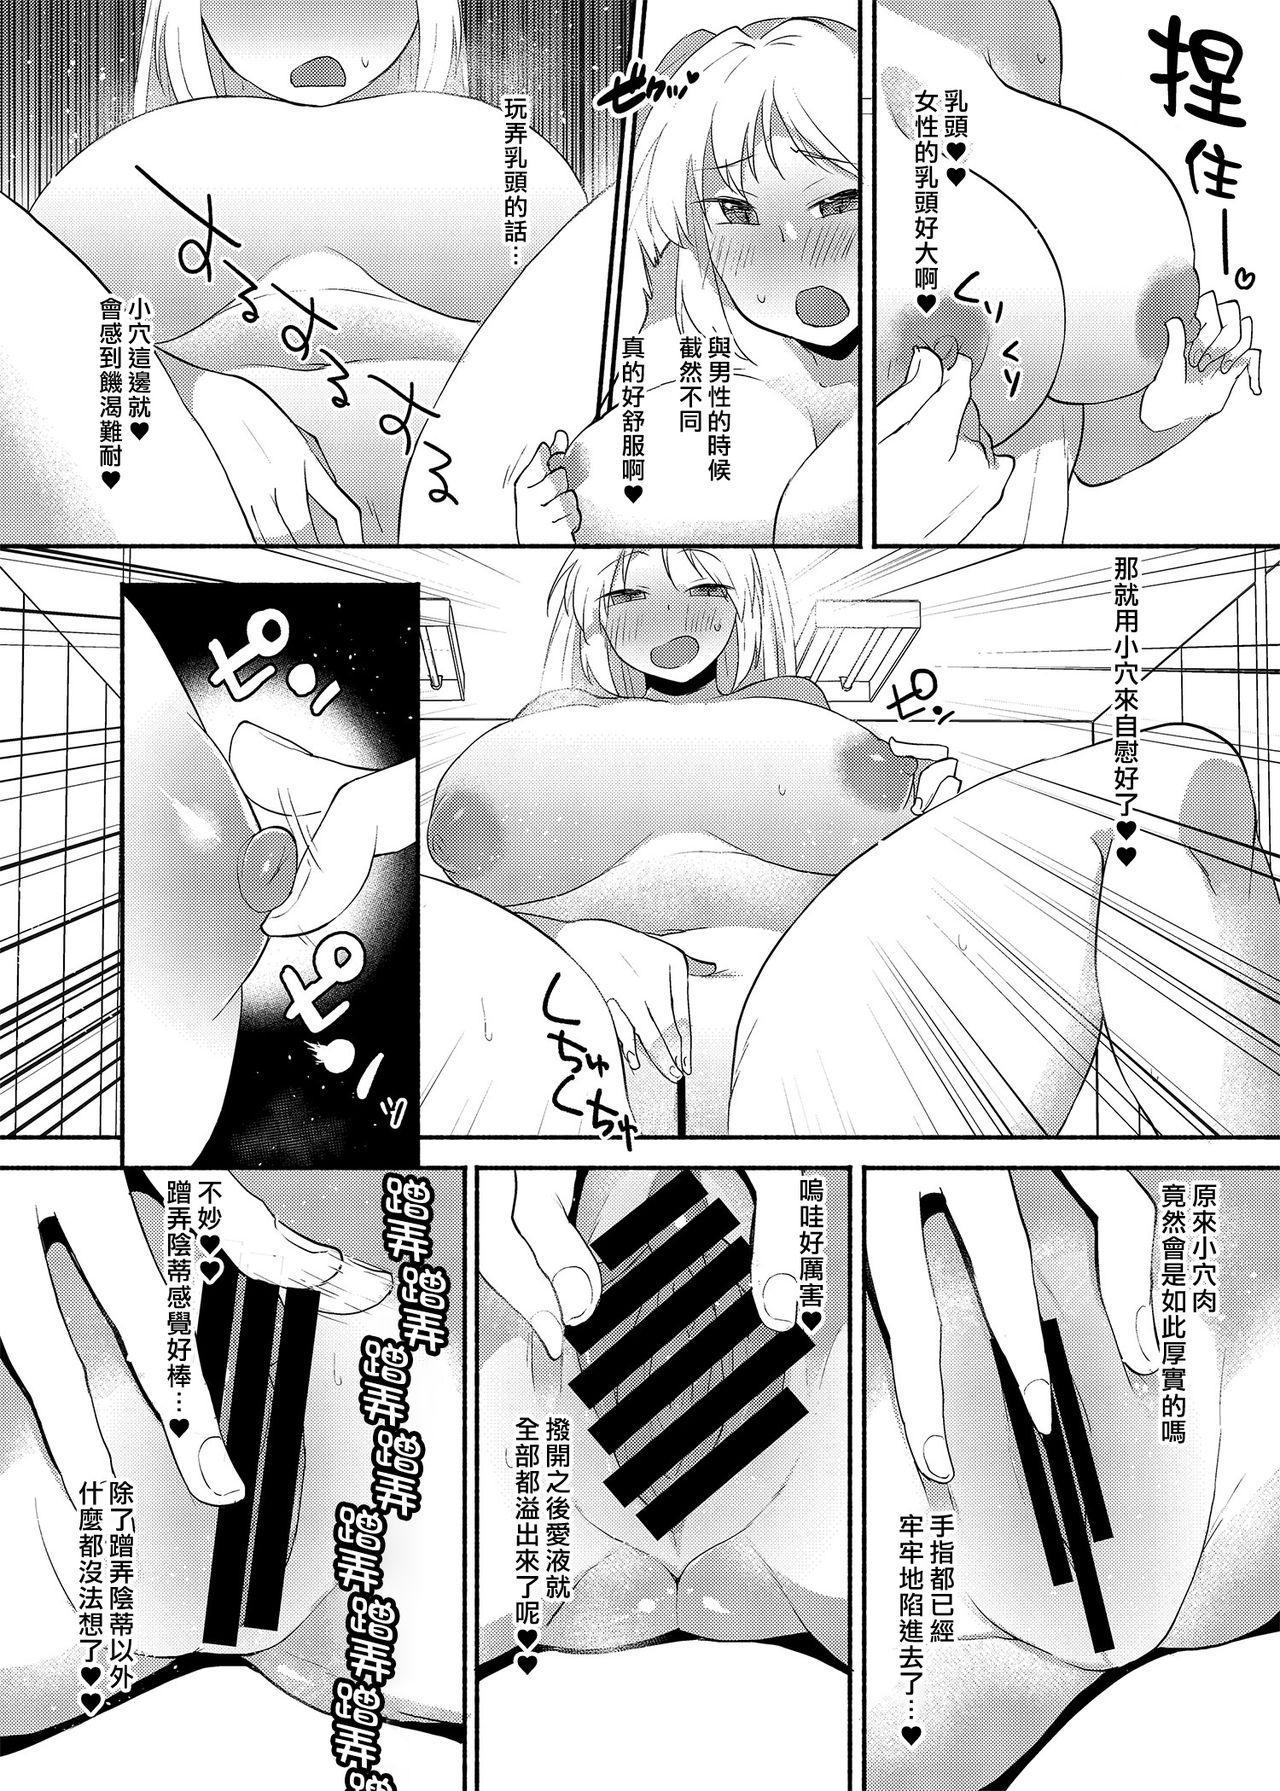 Josouheki ga Kojiretara Konna Otona ni Narimashita 12